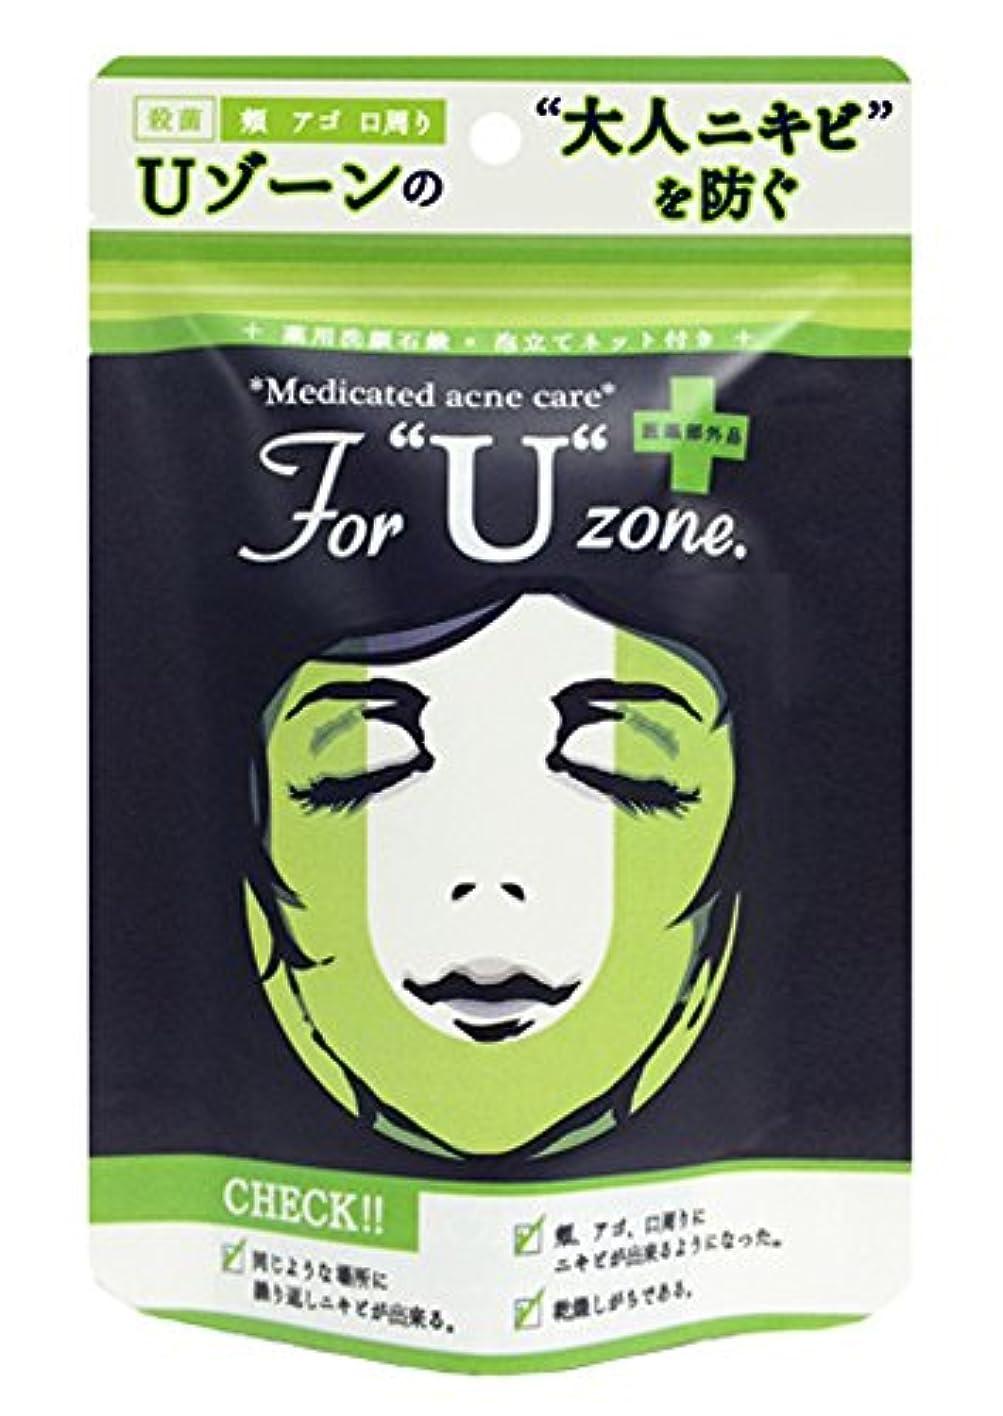 ペルーコーナークスクス薬用石鹸 ForUzone 100g